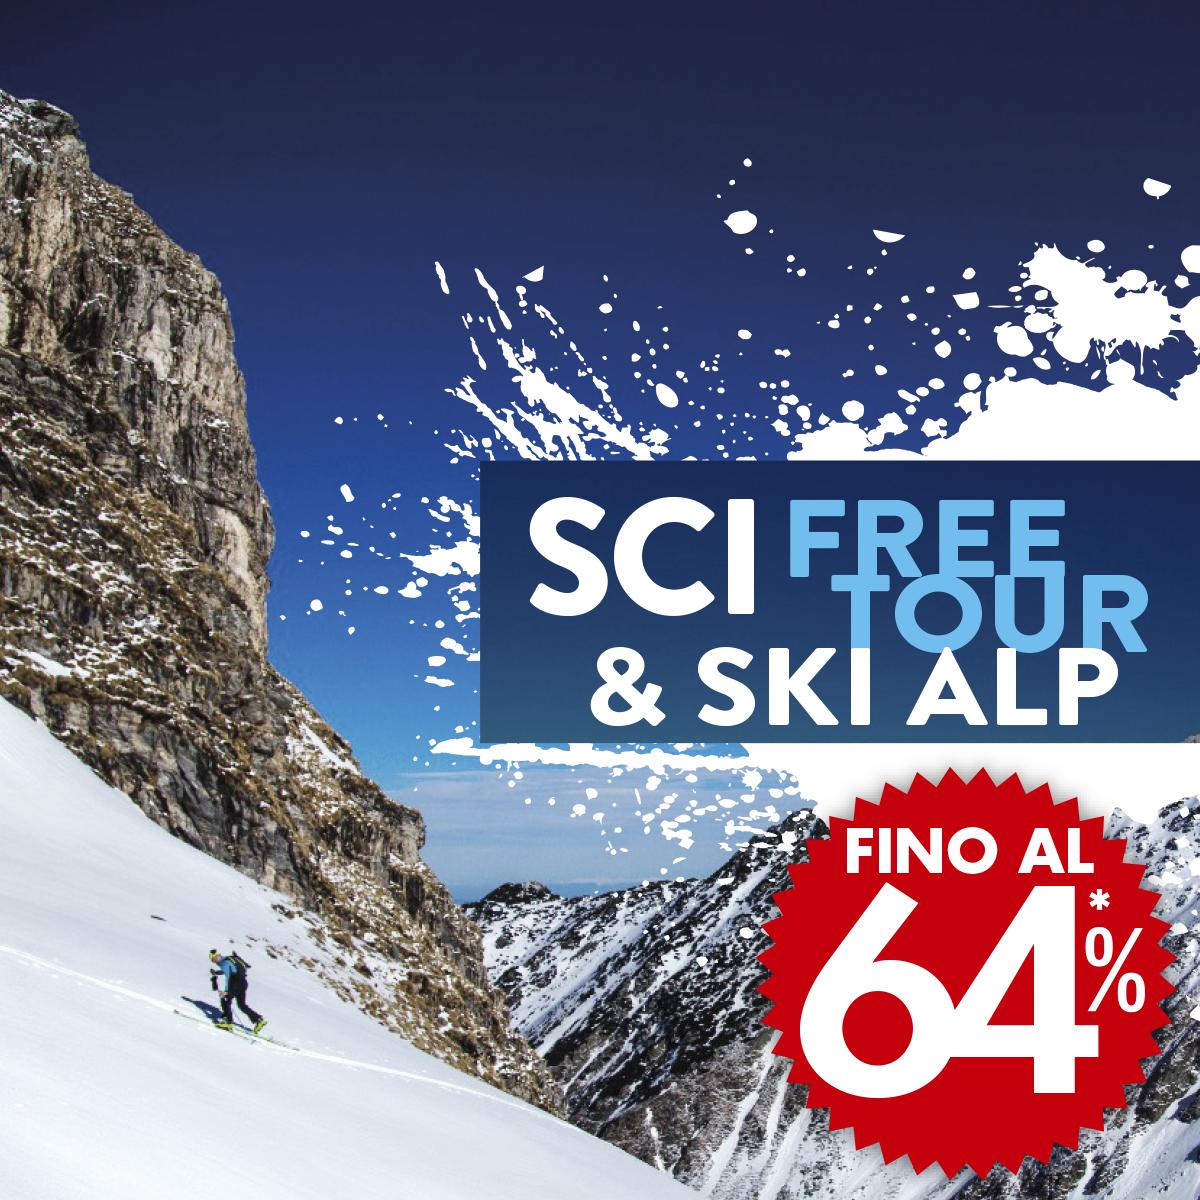 Sci free tour e ski alp: da Bottero Ski trovi le ultime novità con sconti fino al 64%